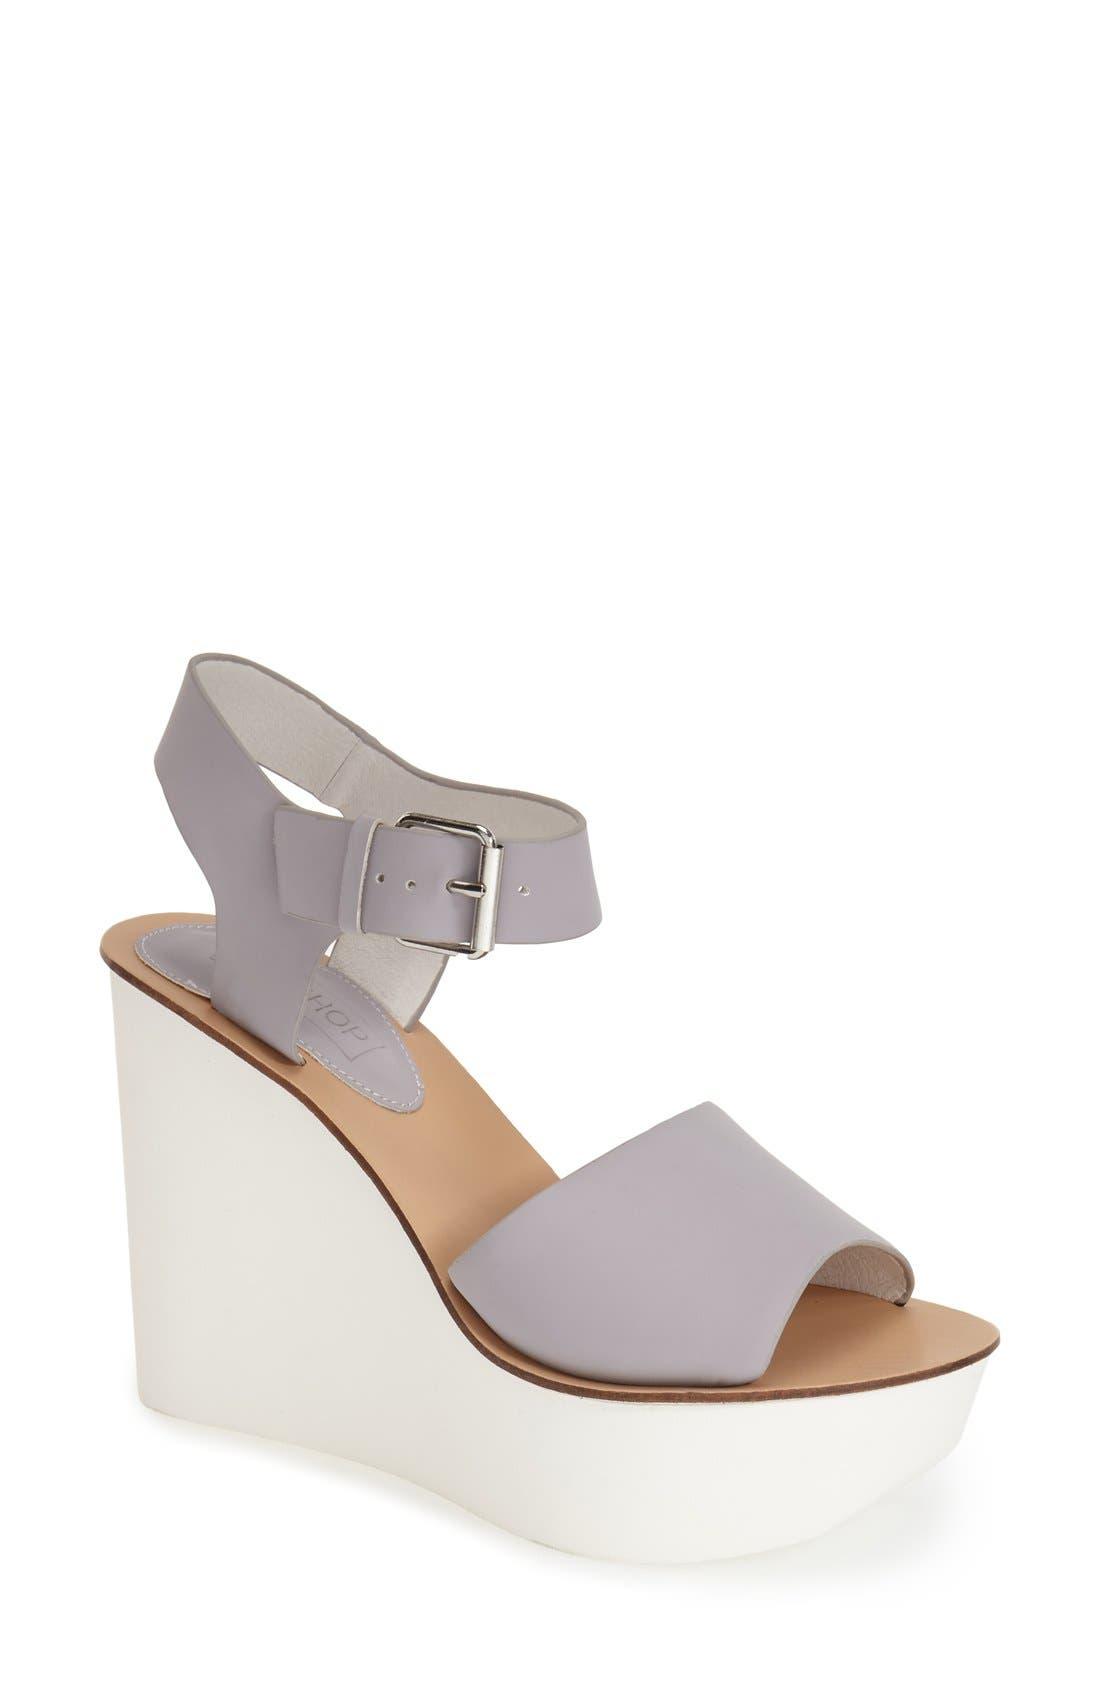 Main Image - Topshop 'Wedding' Wedge Sandal (Women)